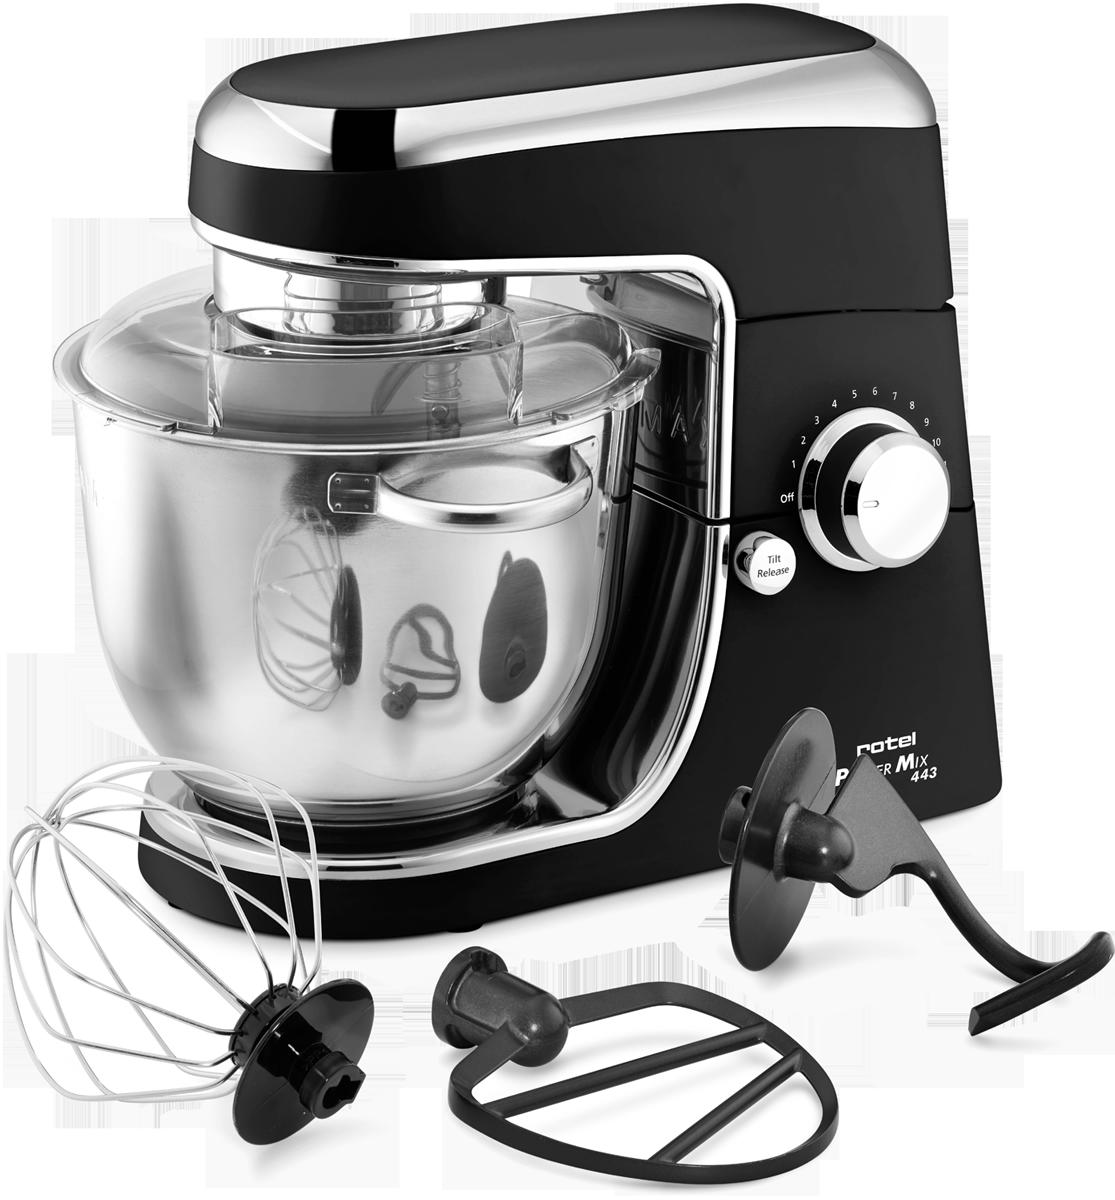 Rotel powermix 443 robot de cuisine 1200 watts noir for Acheter des ustensiles de cuisine